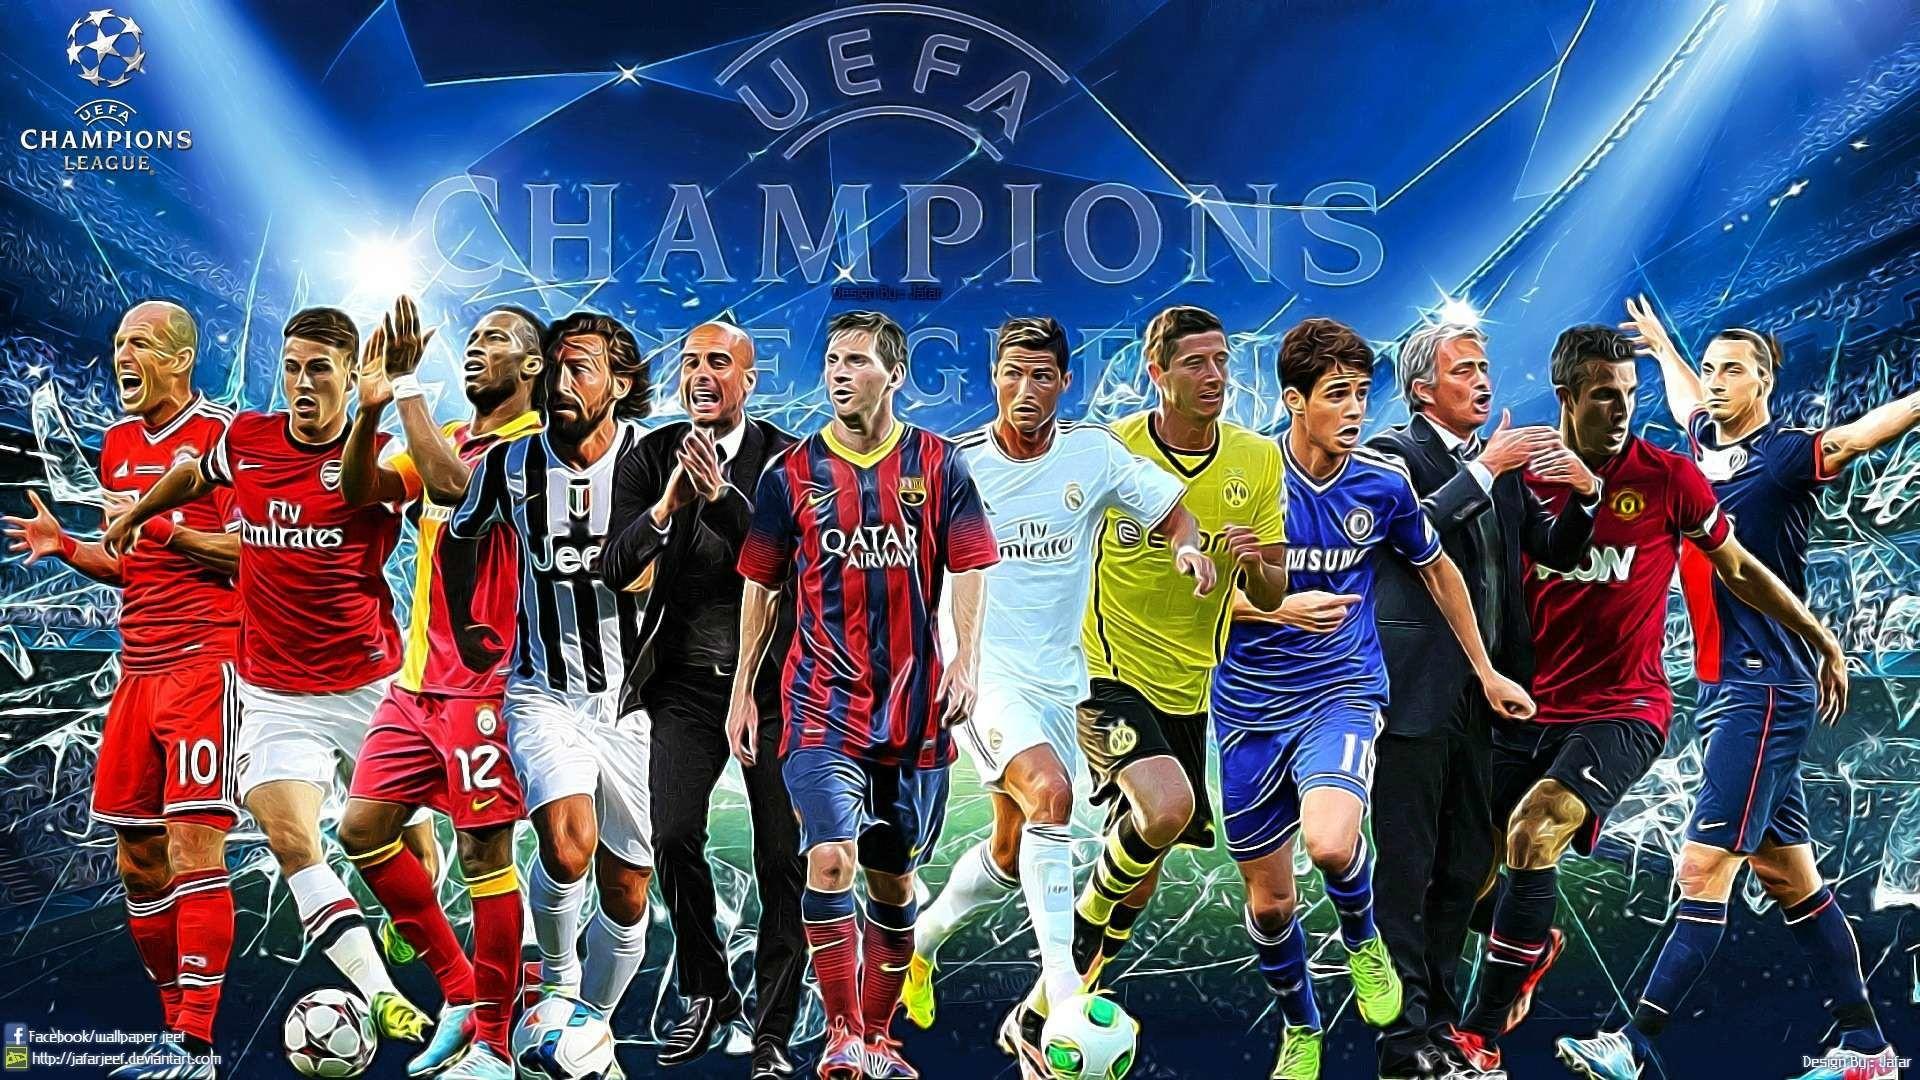 Neymar Wallpaper Best Collection Of Brazil Football Player